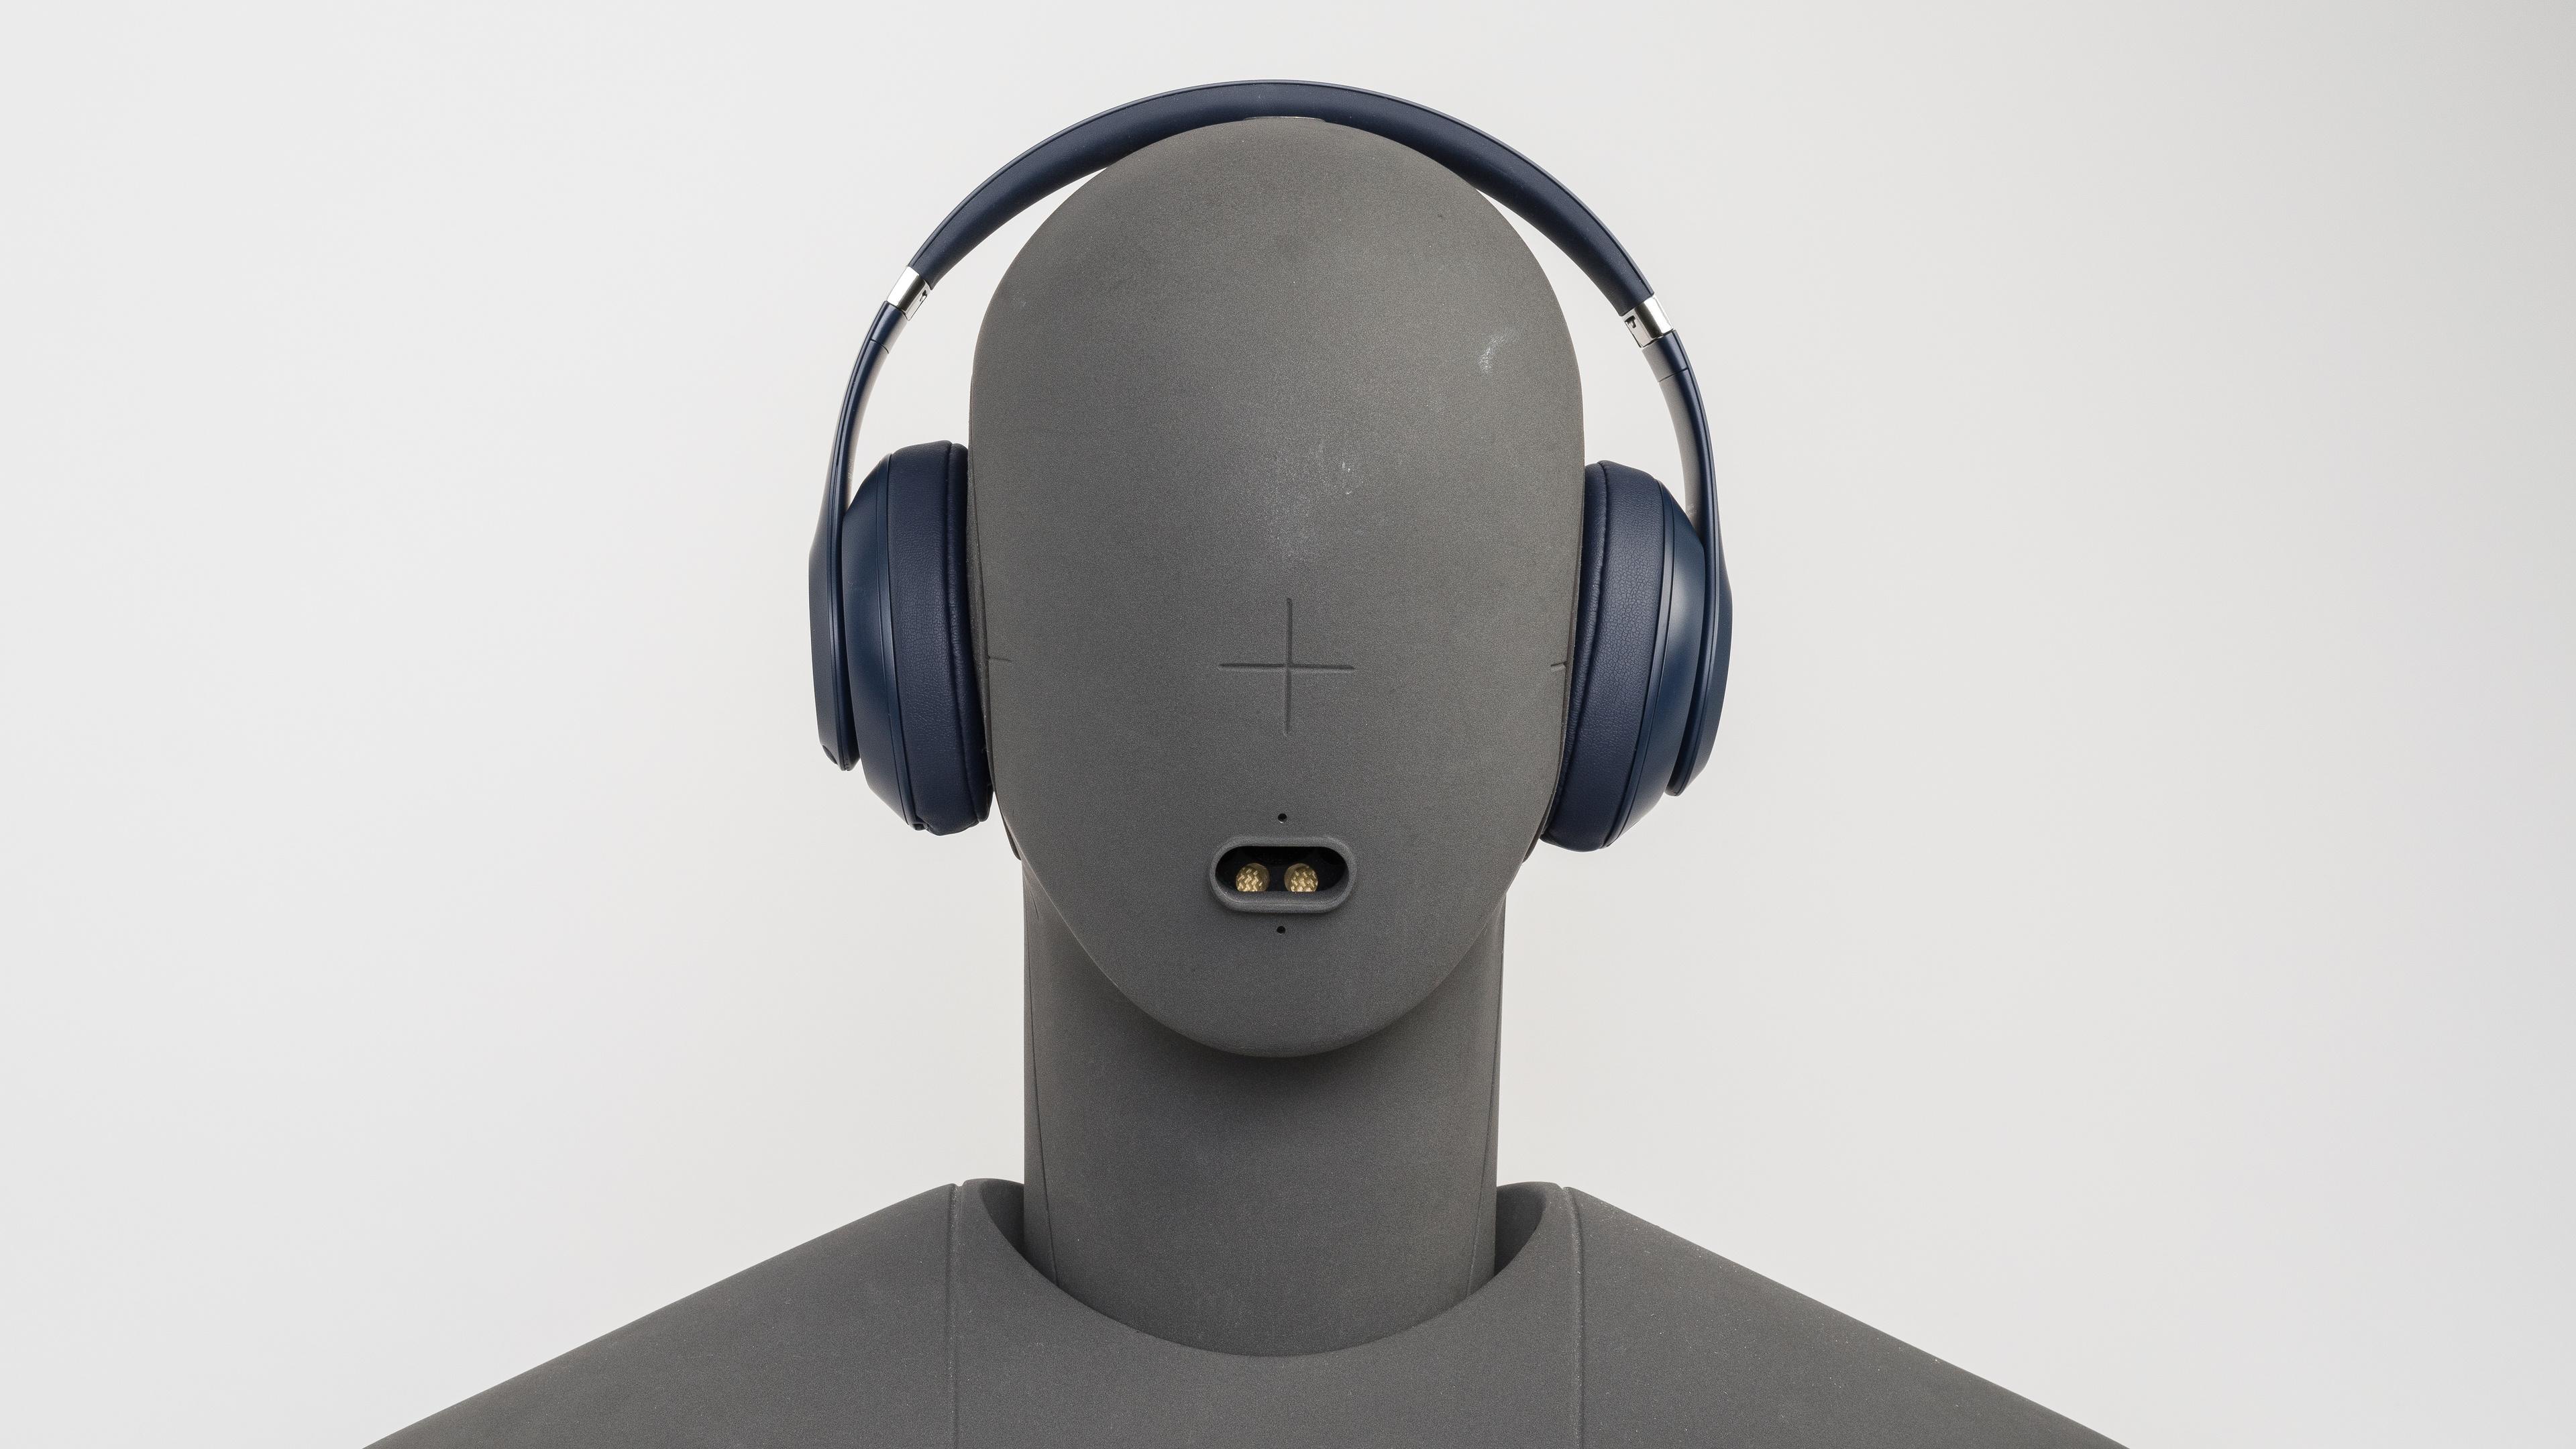 Beats headphones wireless studio 3 - beats headphones wireless in ear